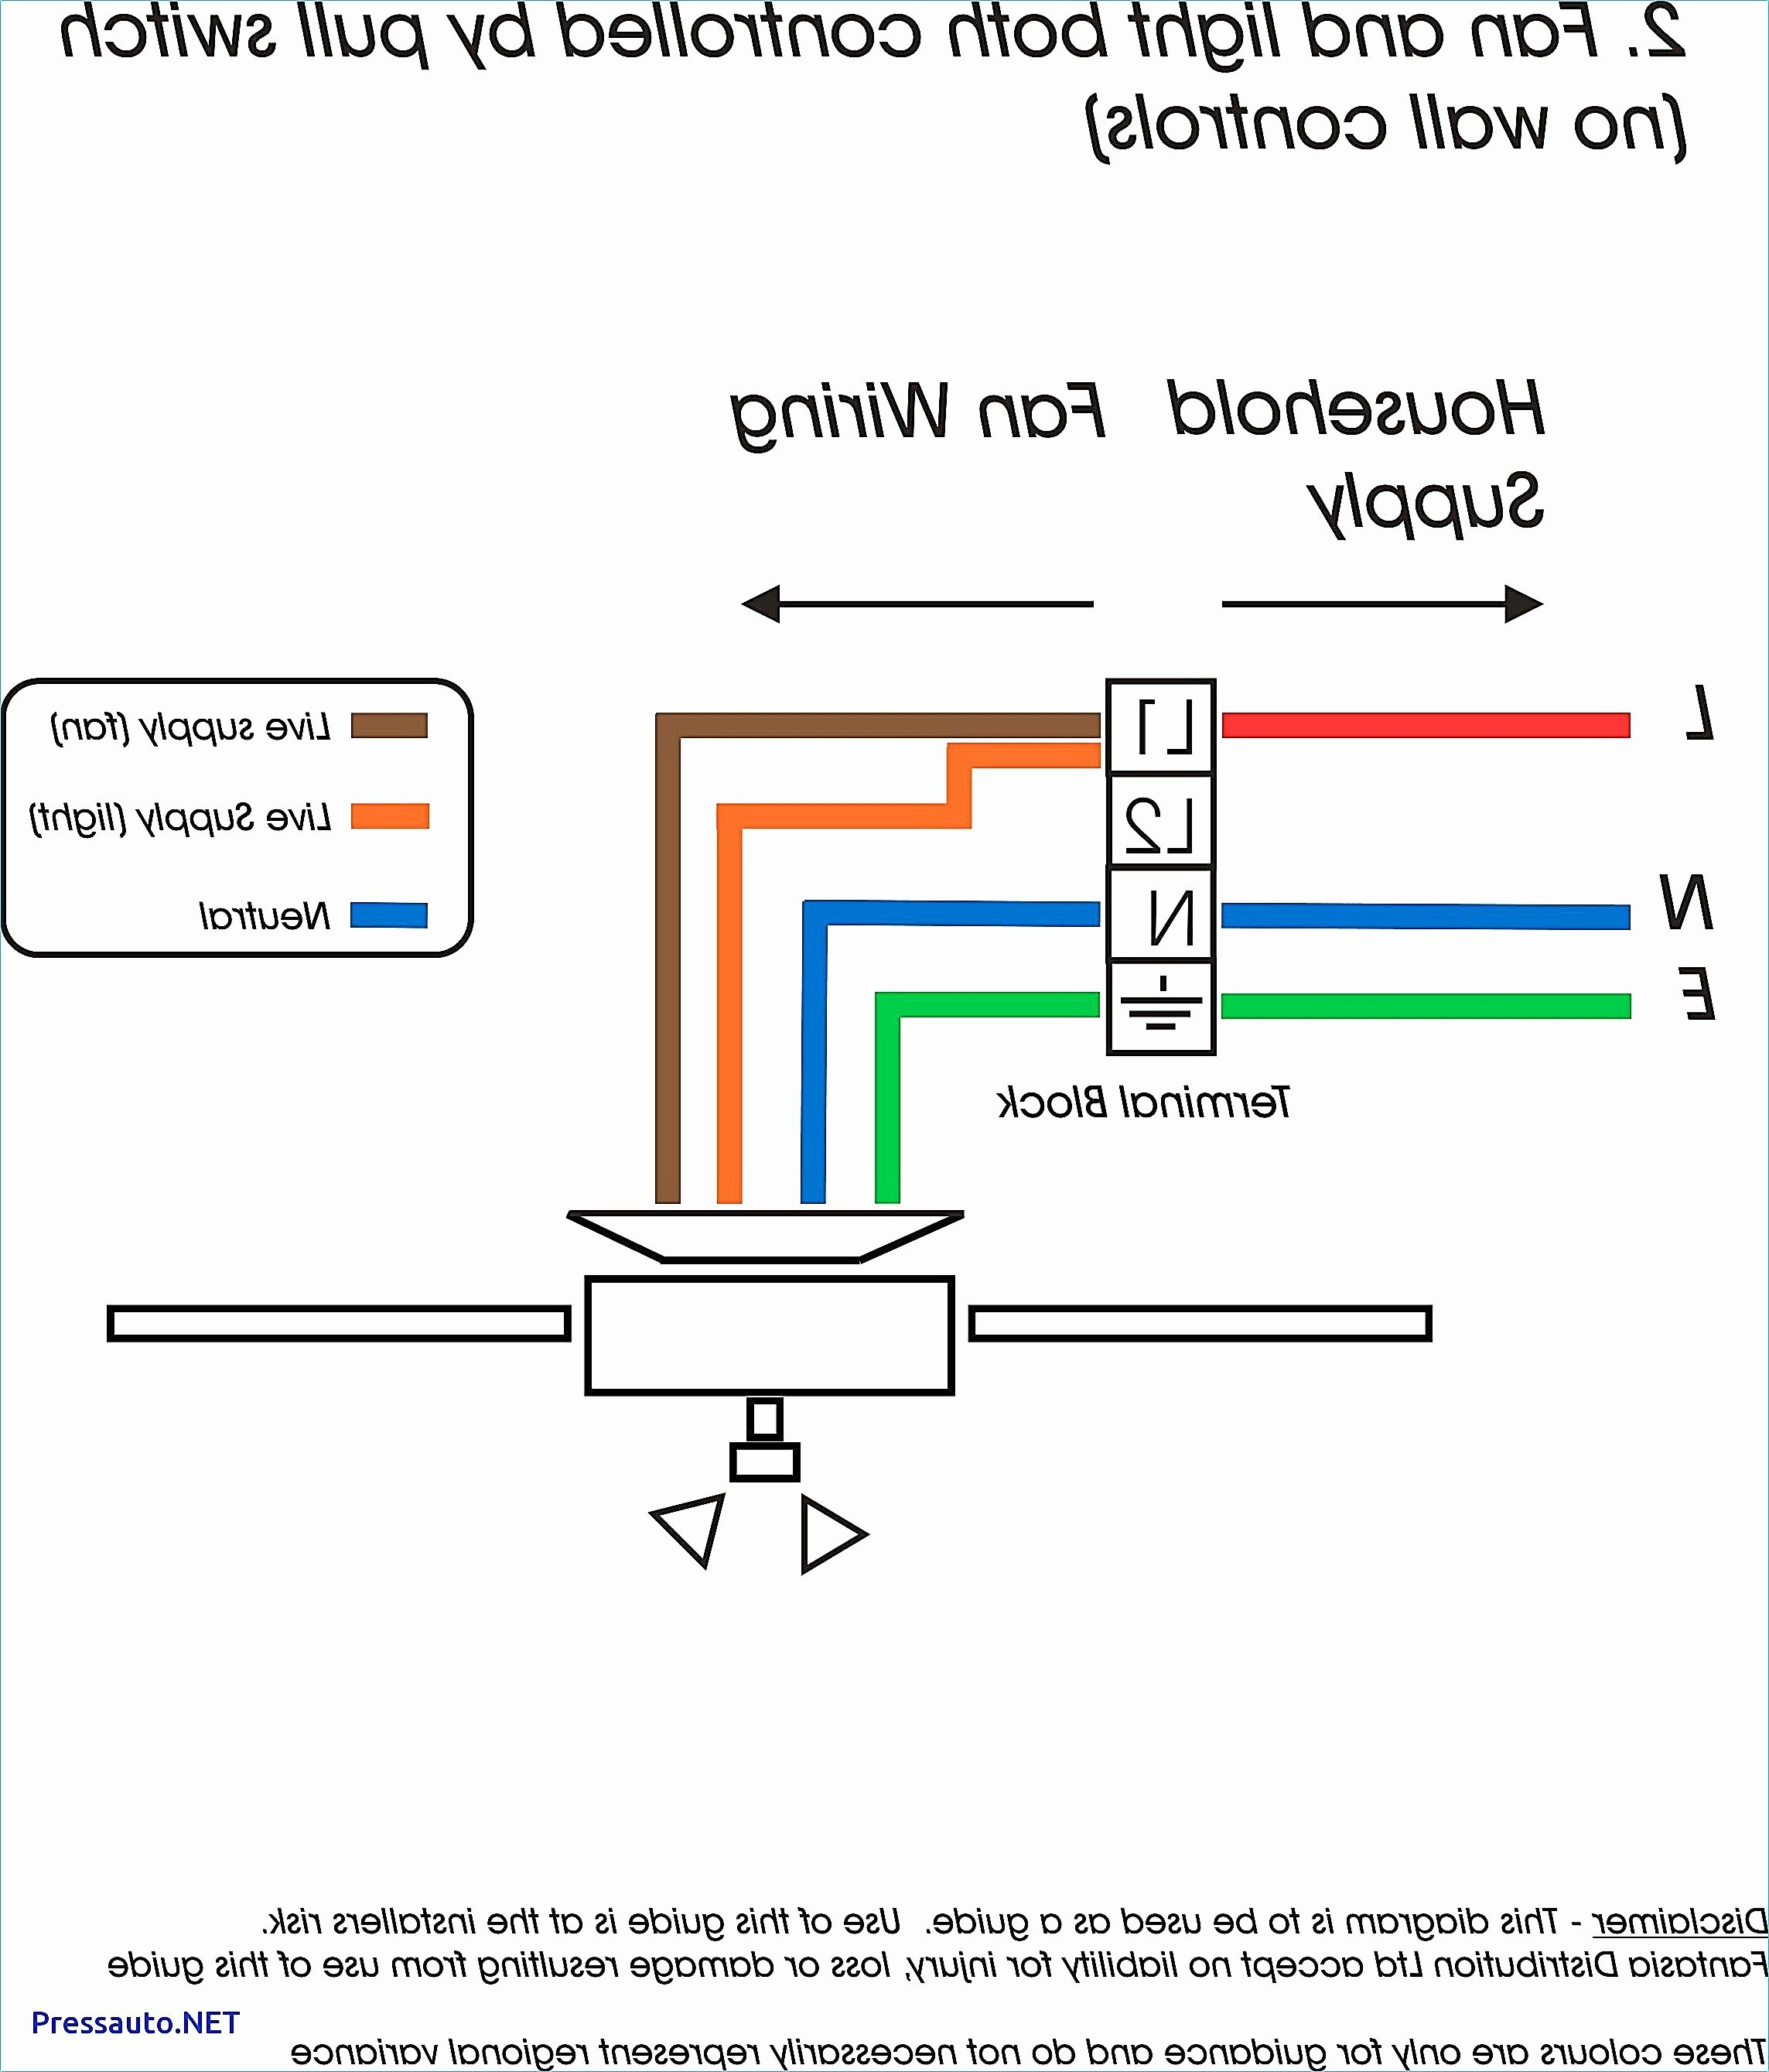 Wiring Diagram for A 1988 Club Car Xw 1691] Wiring Diagram as Well as 36 Volt Club Car Wiring Of Wiring Diagram for A 1988 Club Car